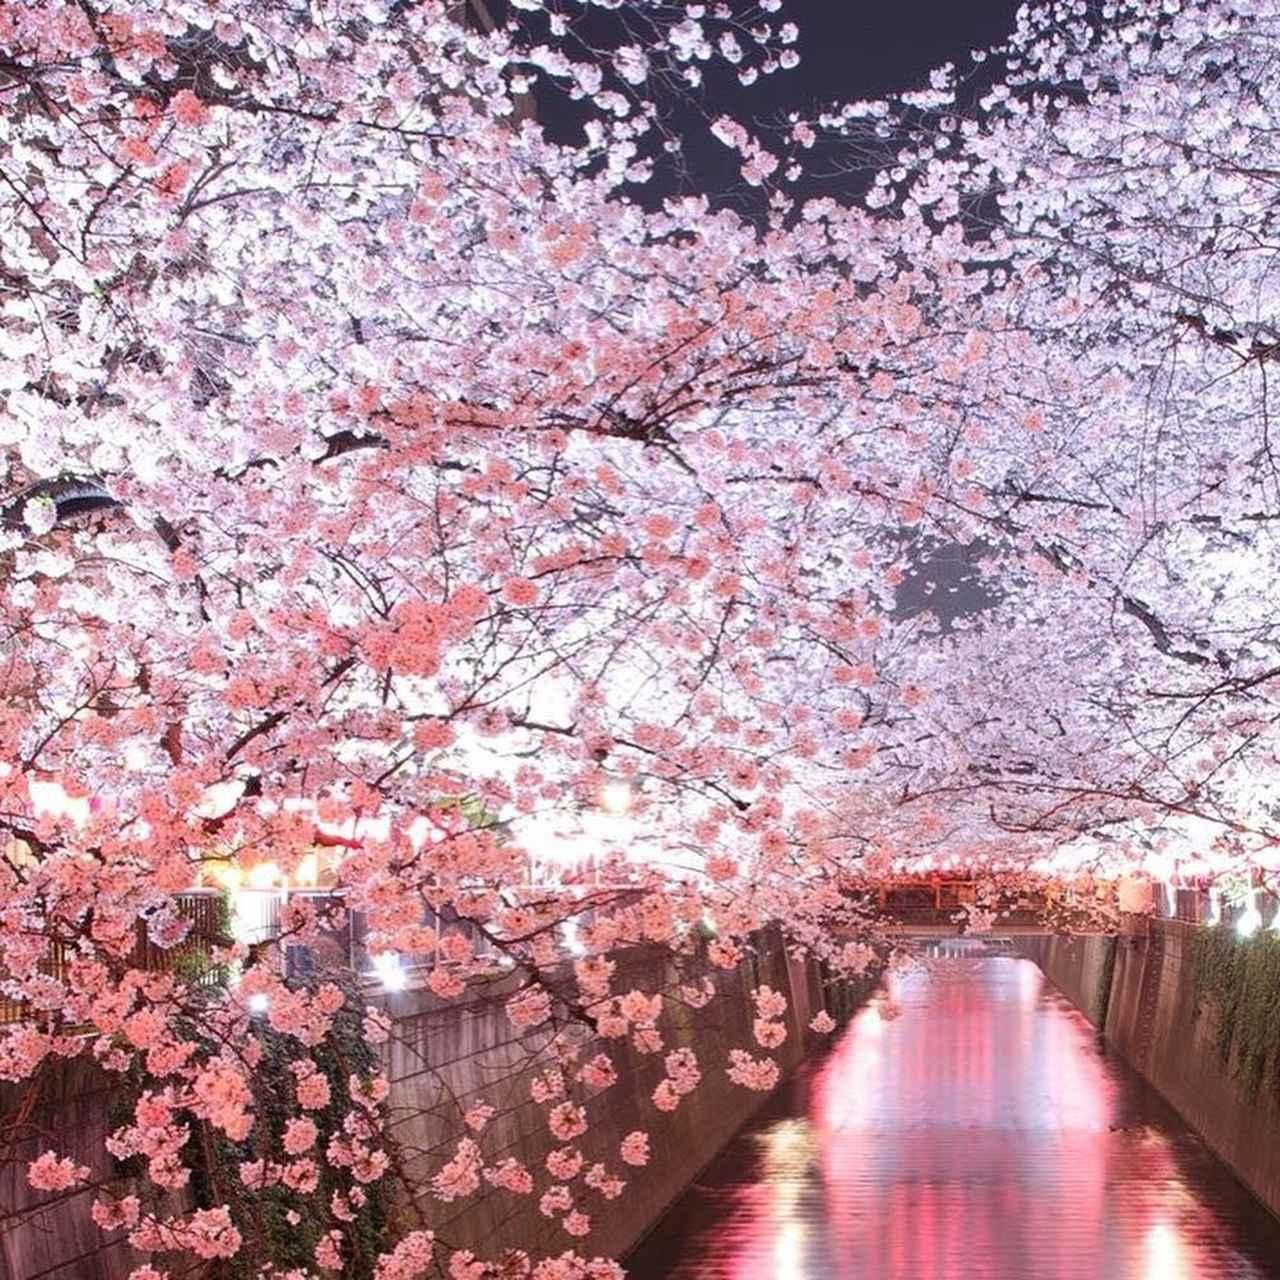 """画像1: 東急電鉄 on Instagram: """"-Sakura info of Meguro River- Cherry Blossom along the Meguro River is nearly its full bloom. There are various Sakura spots around Tokyo…"""" www.instagram.com"""